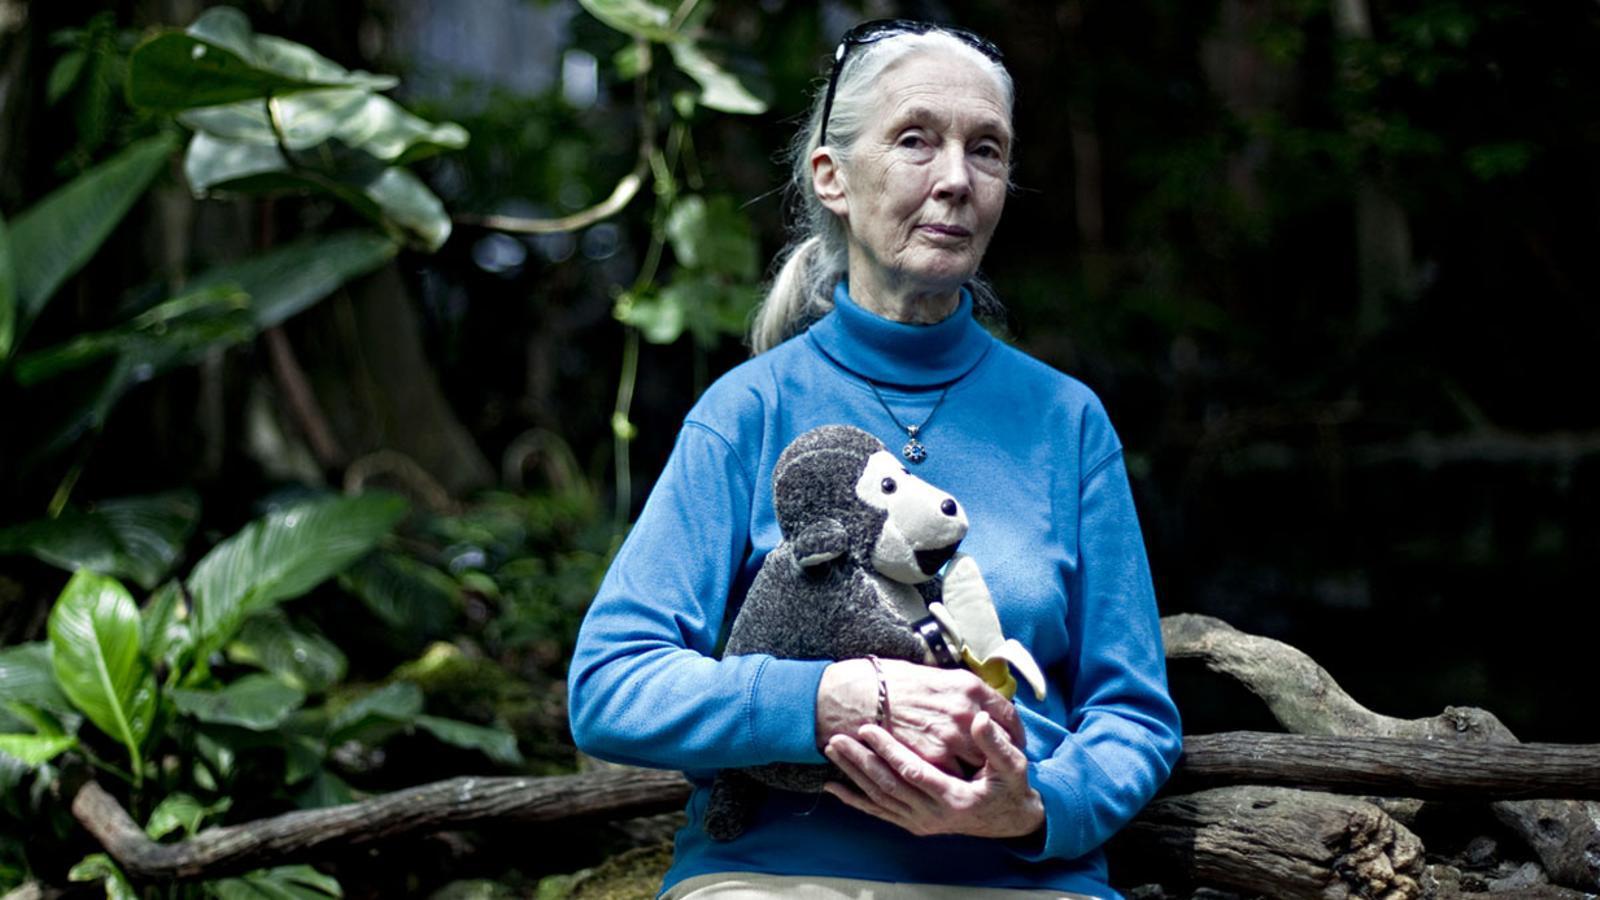 Els 5 motius per a l'esperança de Jane Goodall